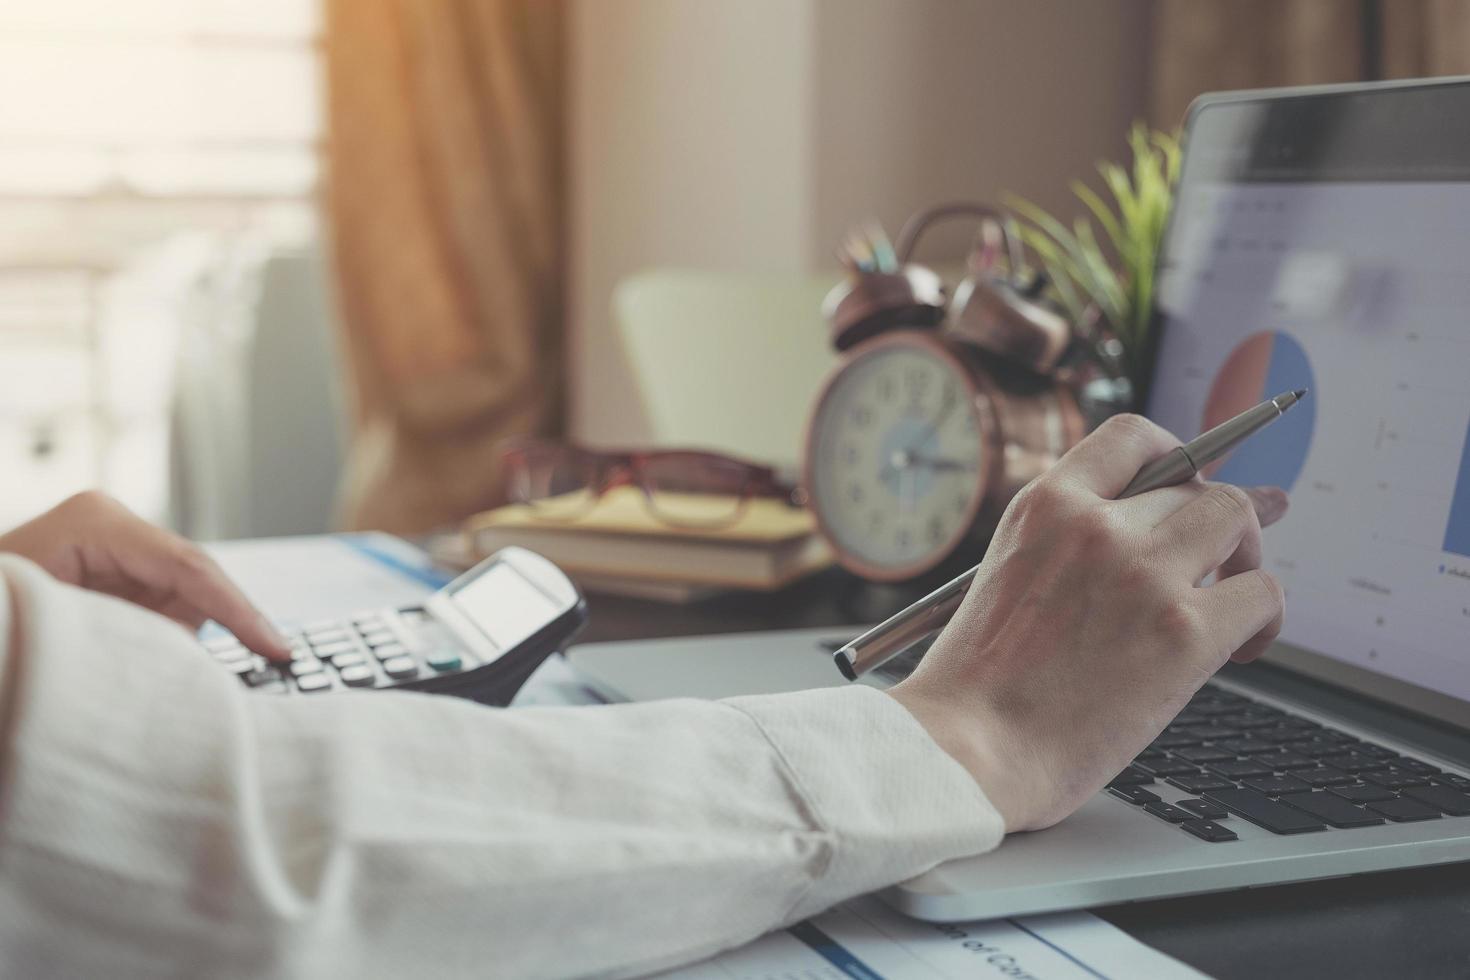 un professionista che lavora al computer portatile in ufficio a casa foto